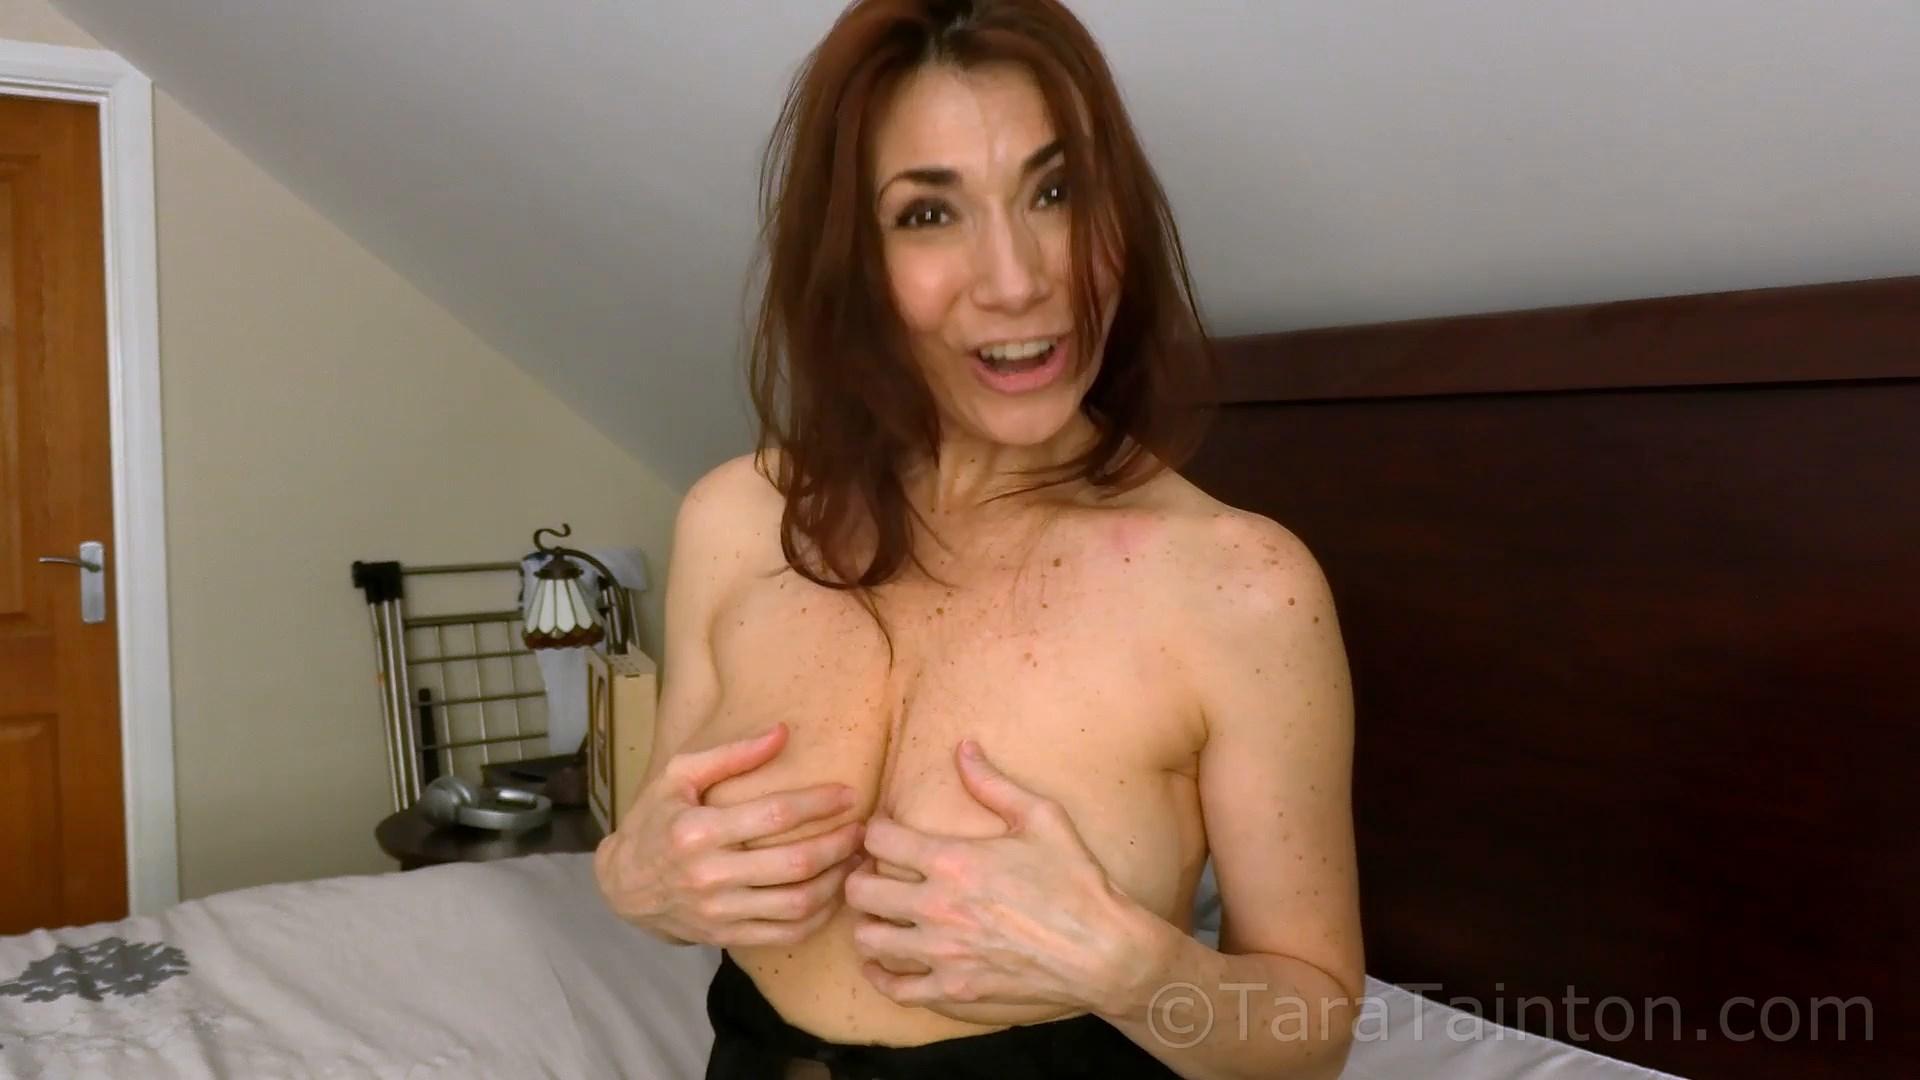 Tara Tainton - Goodnight My Darling 3 1080p